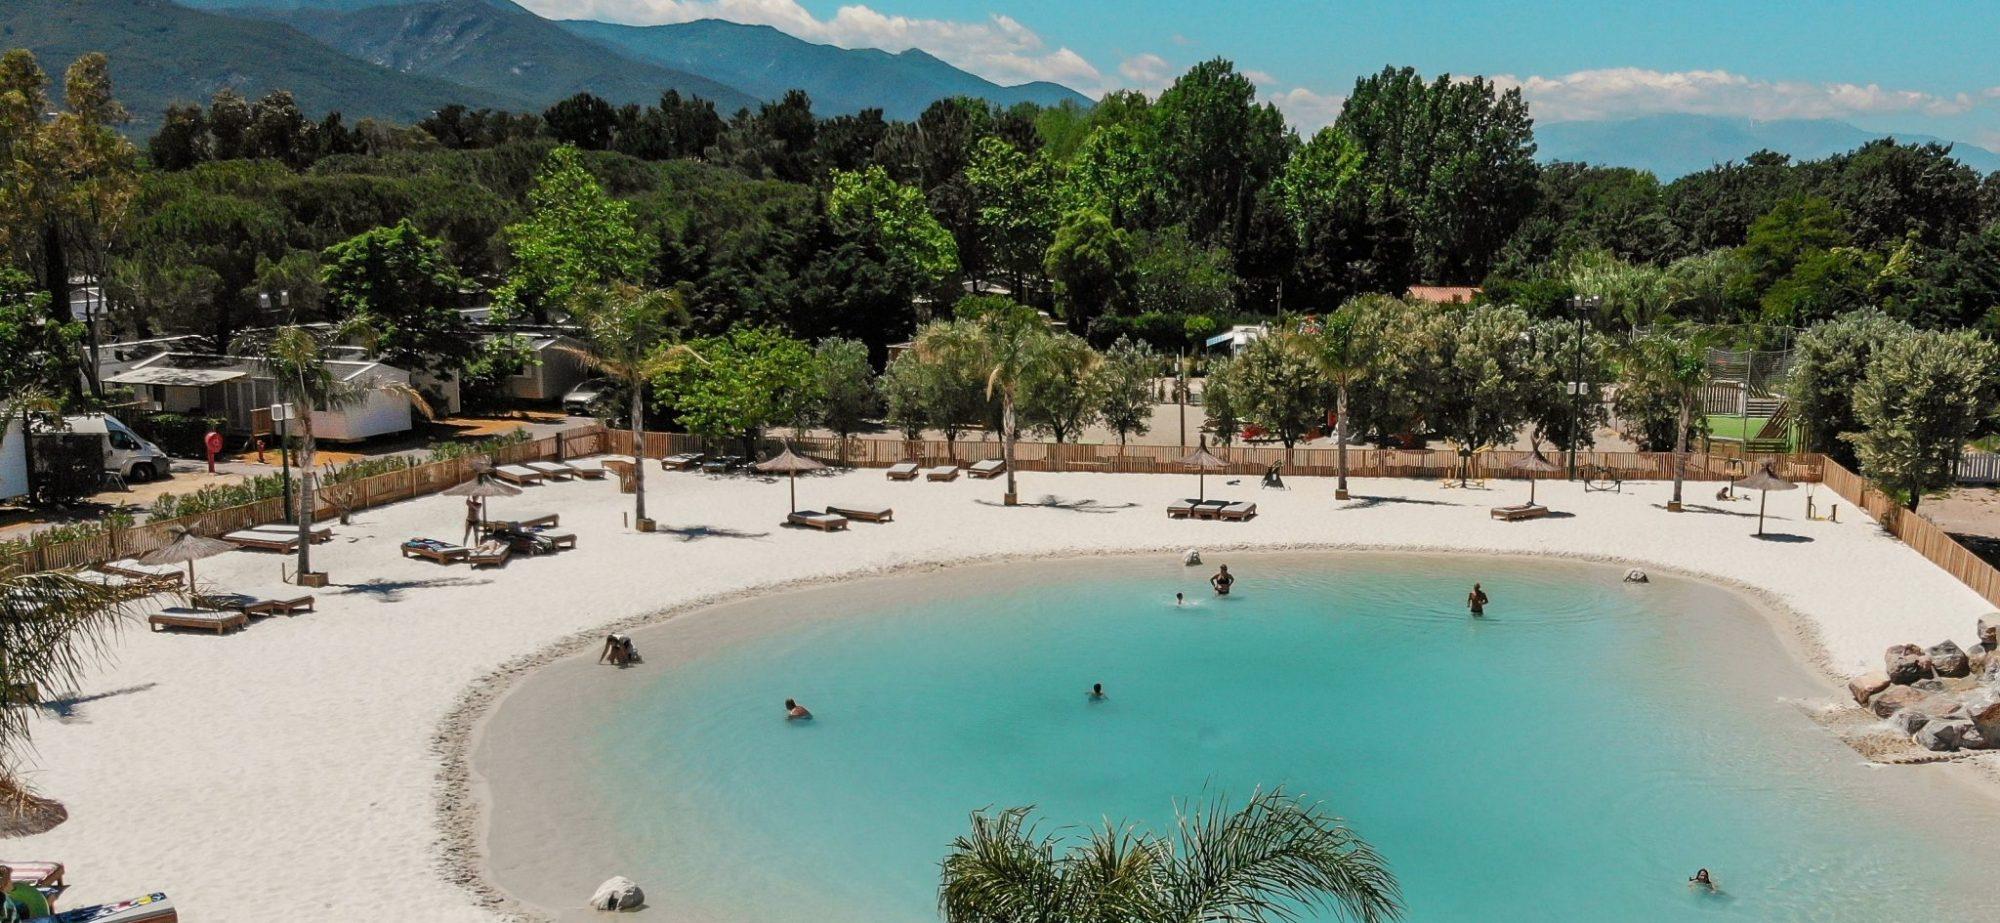 Le Lagon : Camping 4 Étoiles À Argelès-Sur-Mer (Pyrénées ... pour Camping Bord De Mer Mediterranee Avec Piscine